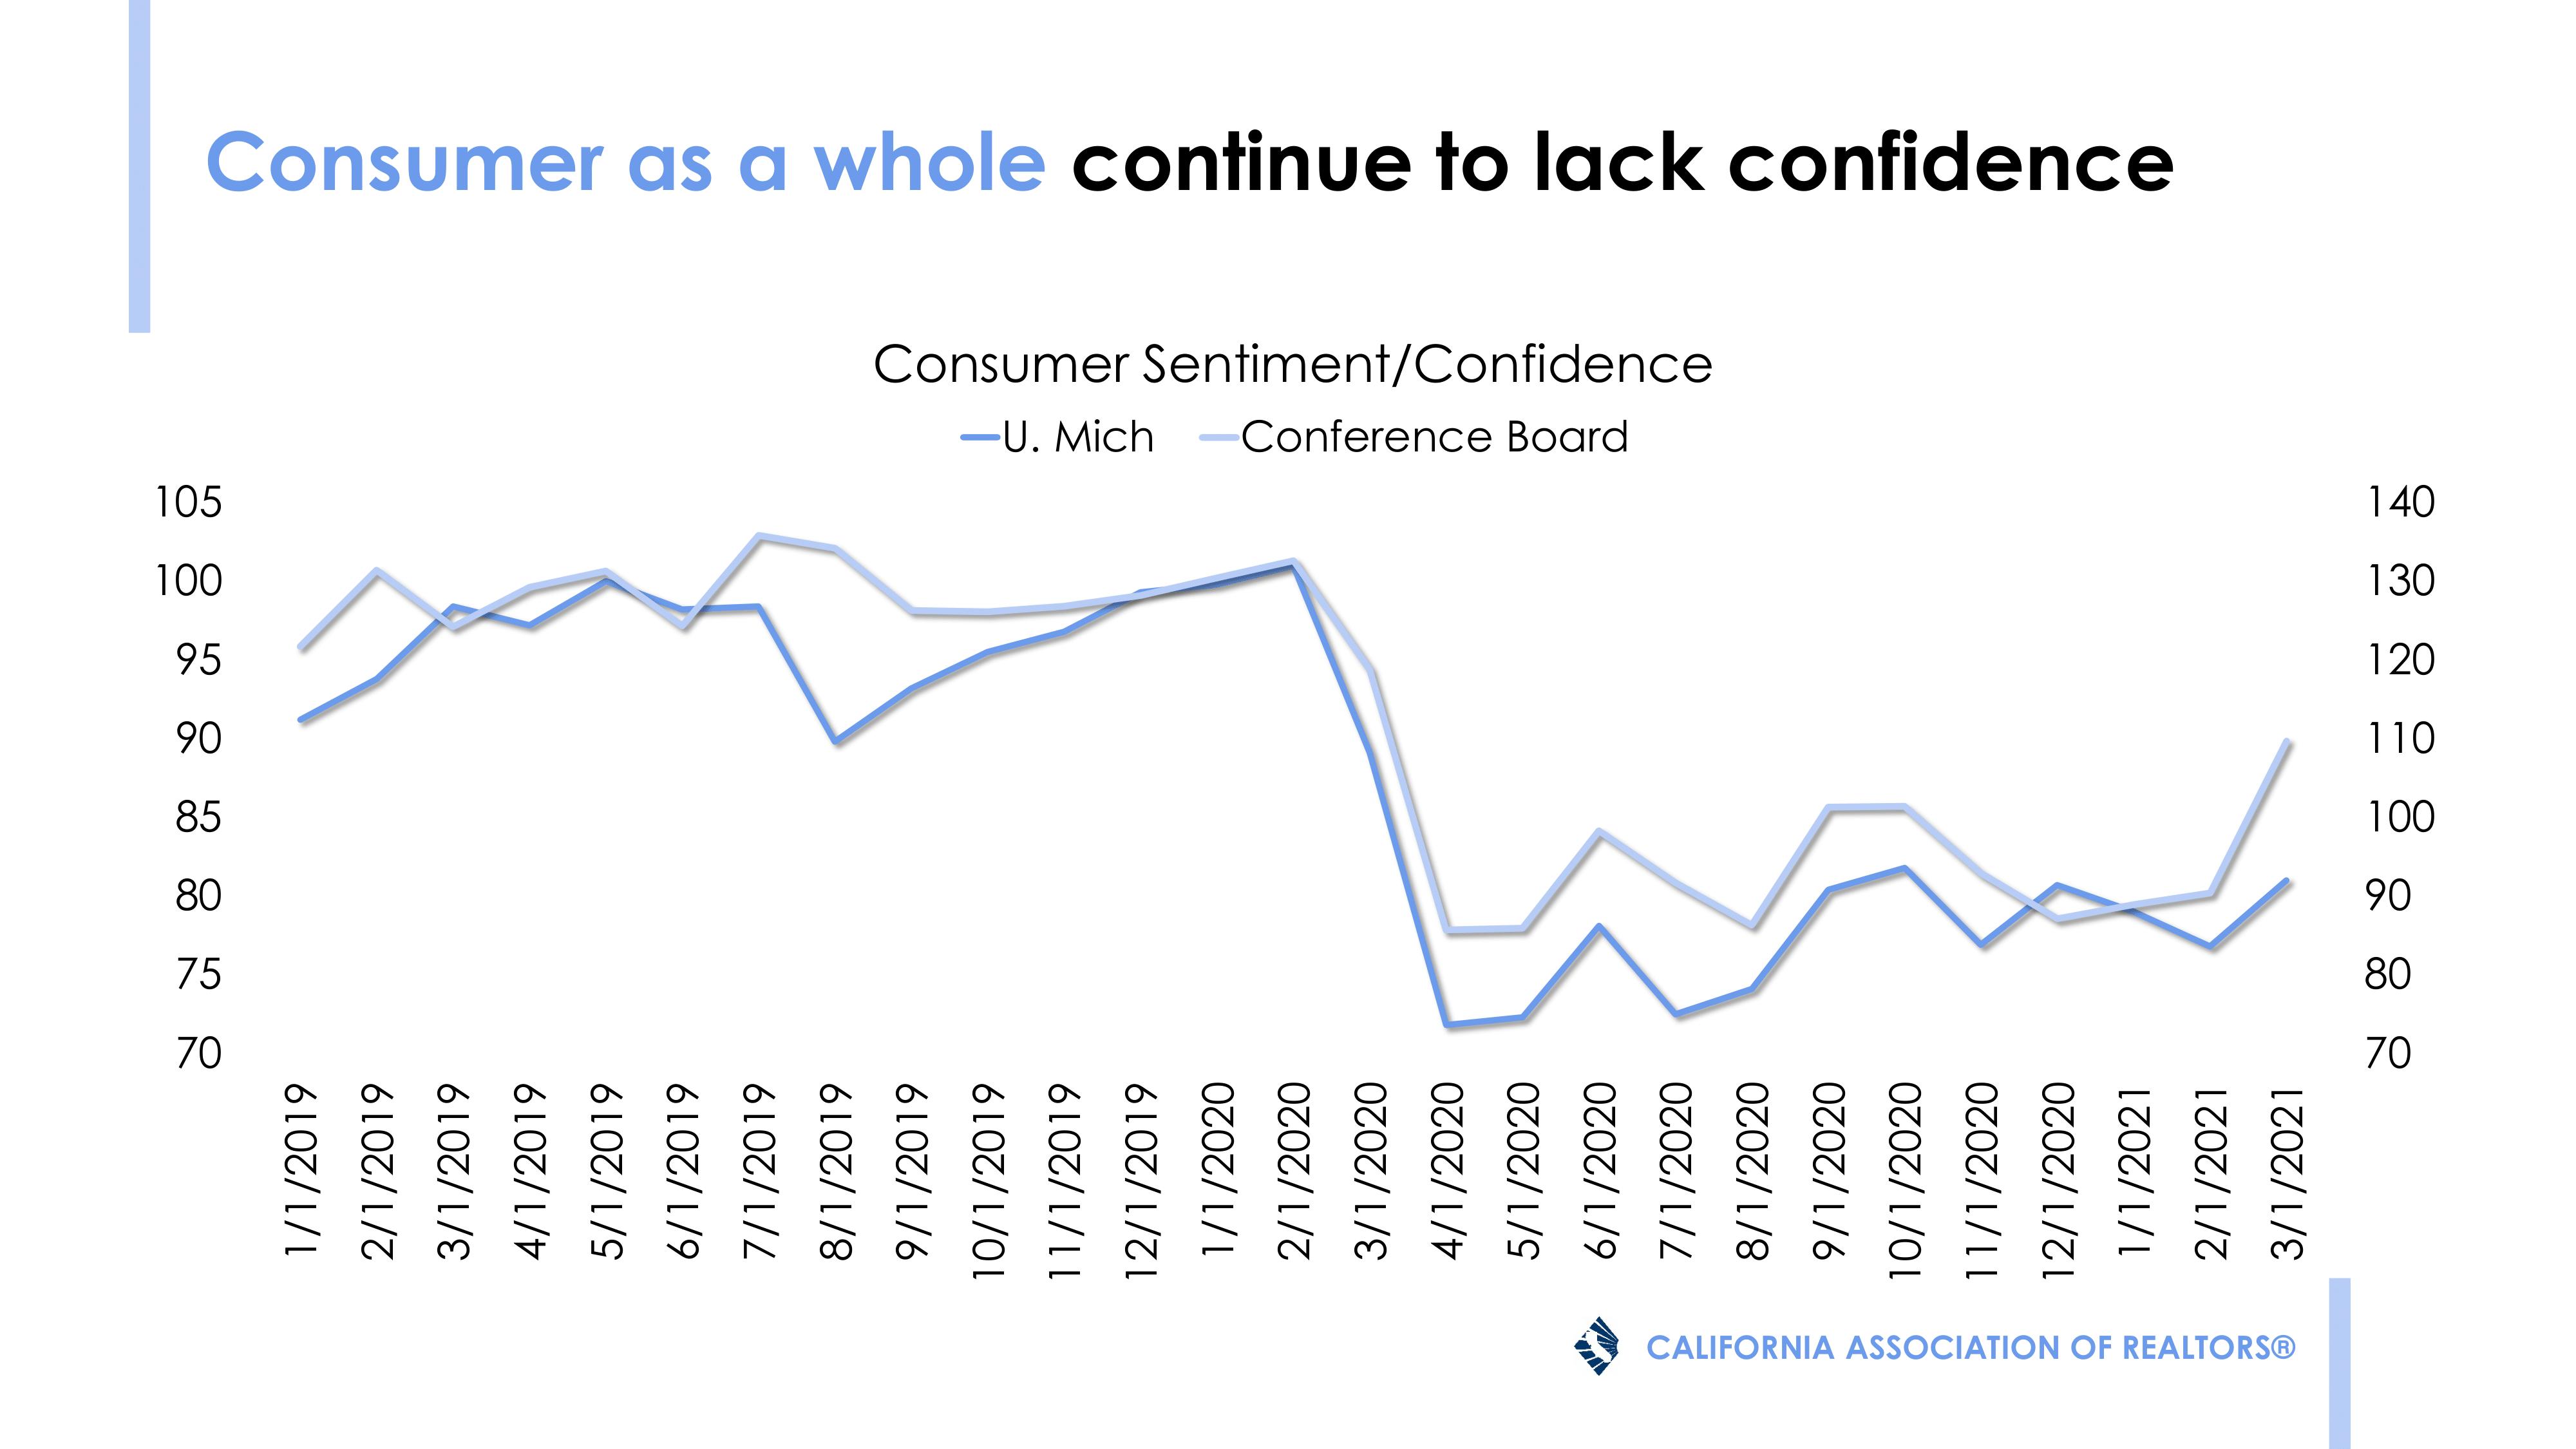 still lack confidence